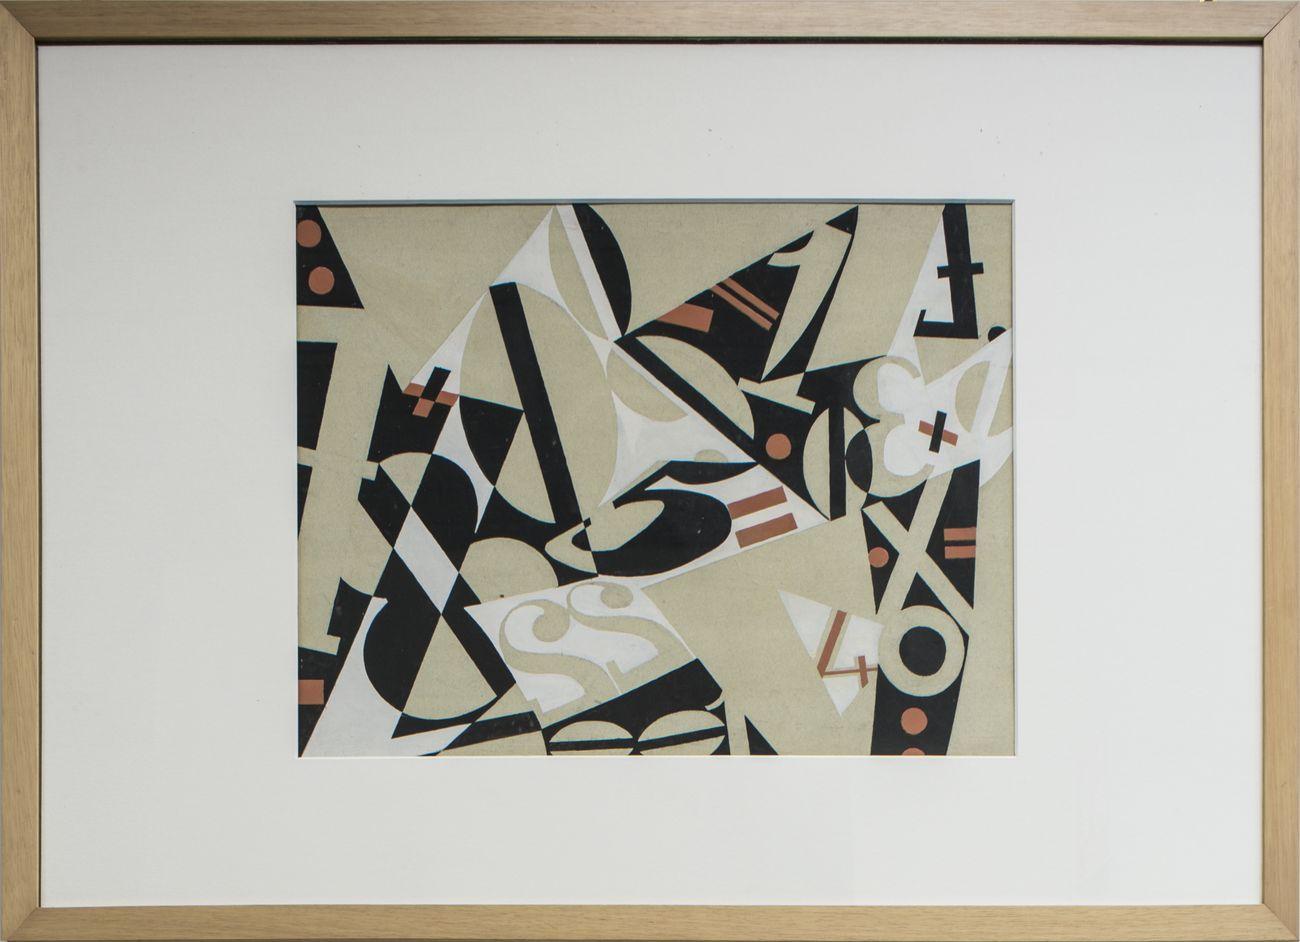 Enrico Prampolini, Operazione aritmetica, 1953, tempera su cartone, cm 49x64,5. Collezione Farnesina